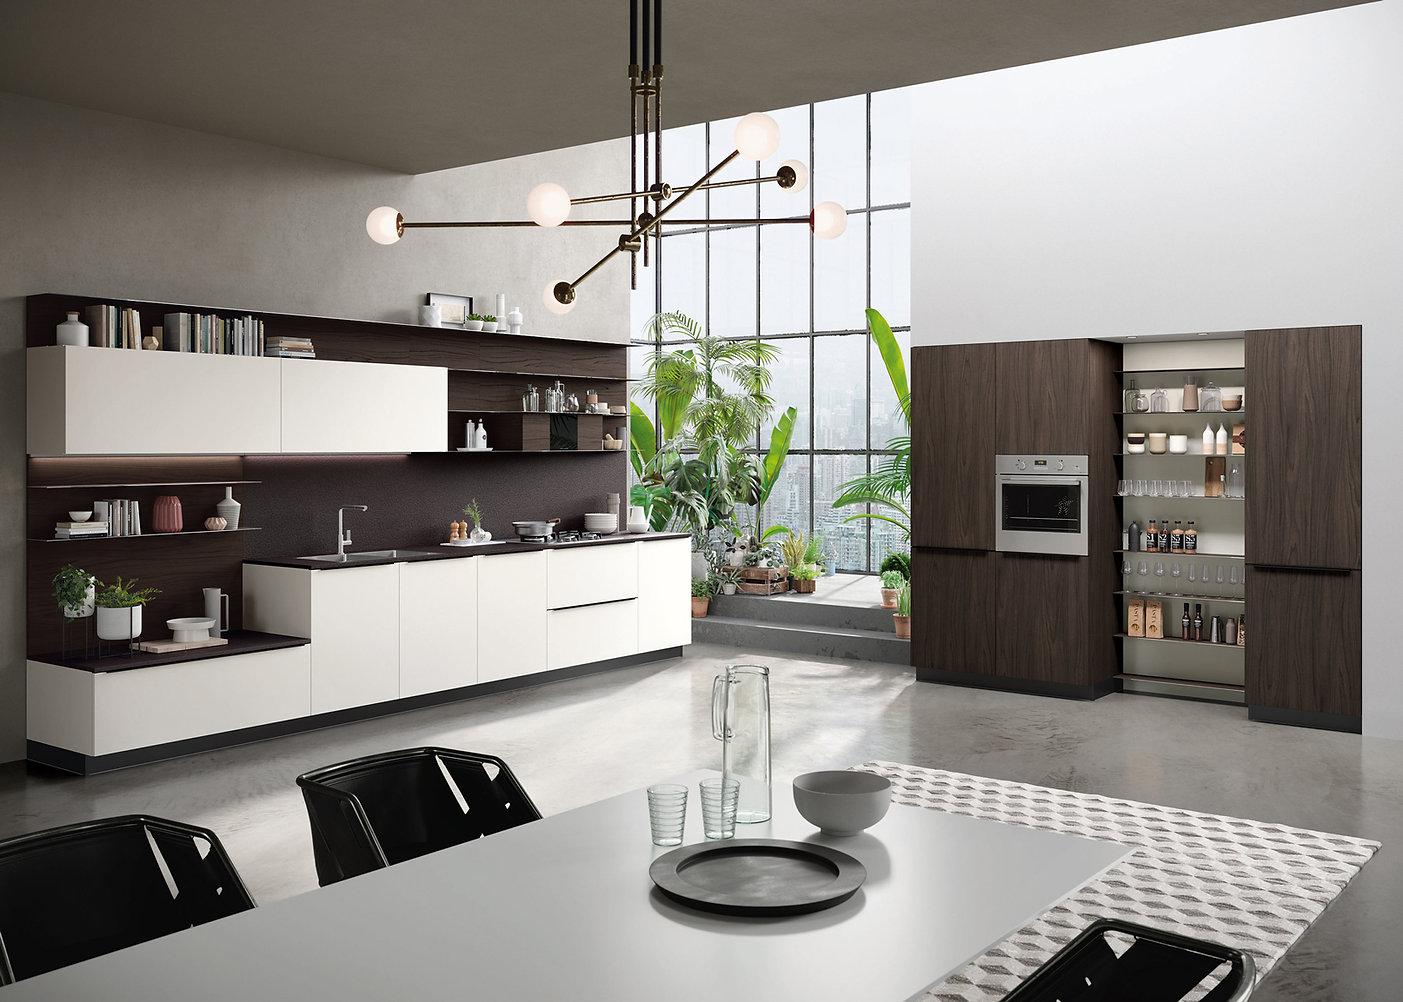 Cucine-moderne-Feel-Snaidero-2.jpg